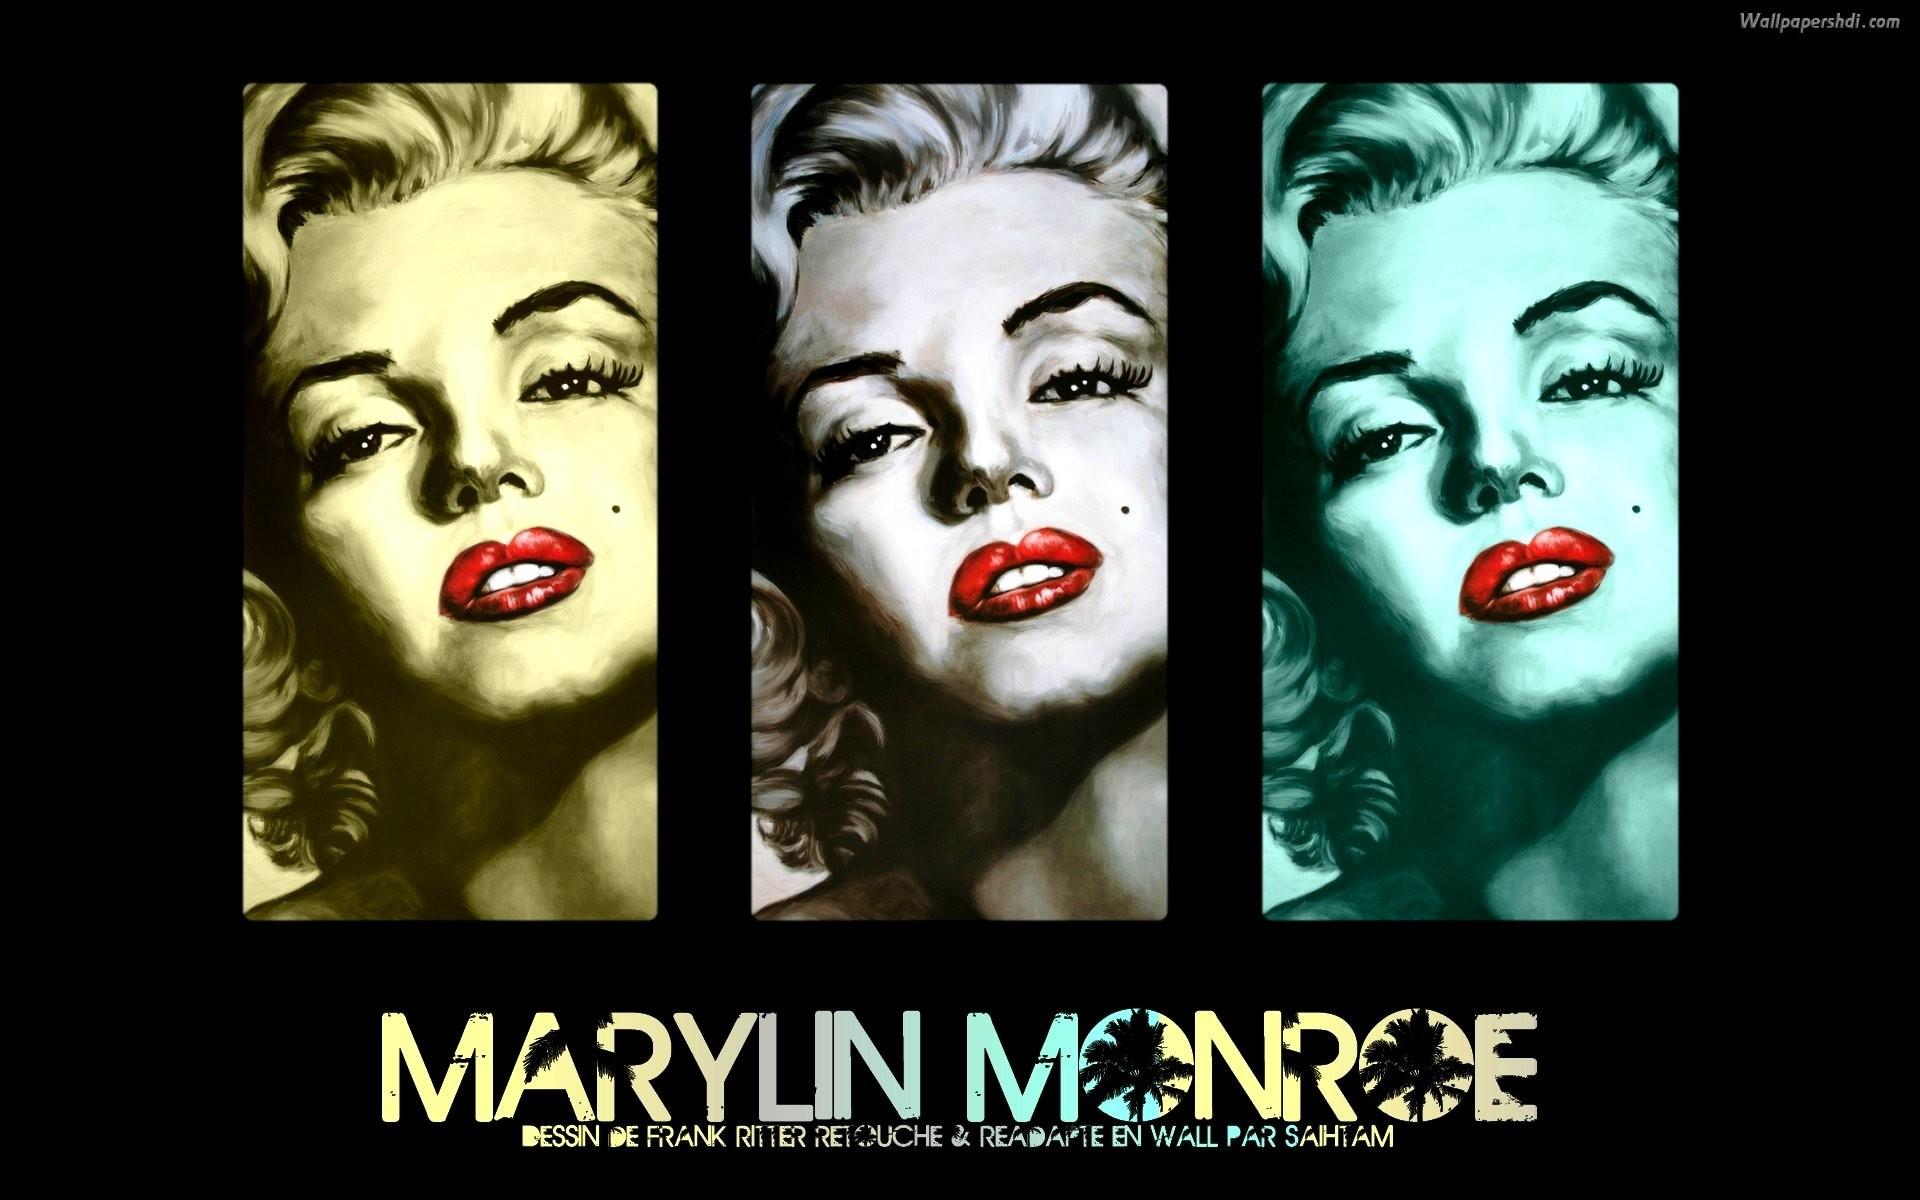 Marilyn Monroe Wallpaper Hd Wallpaper